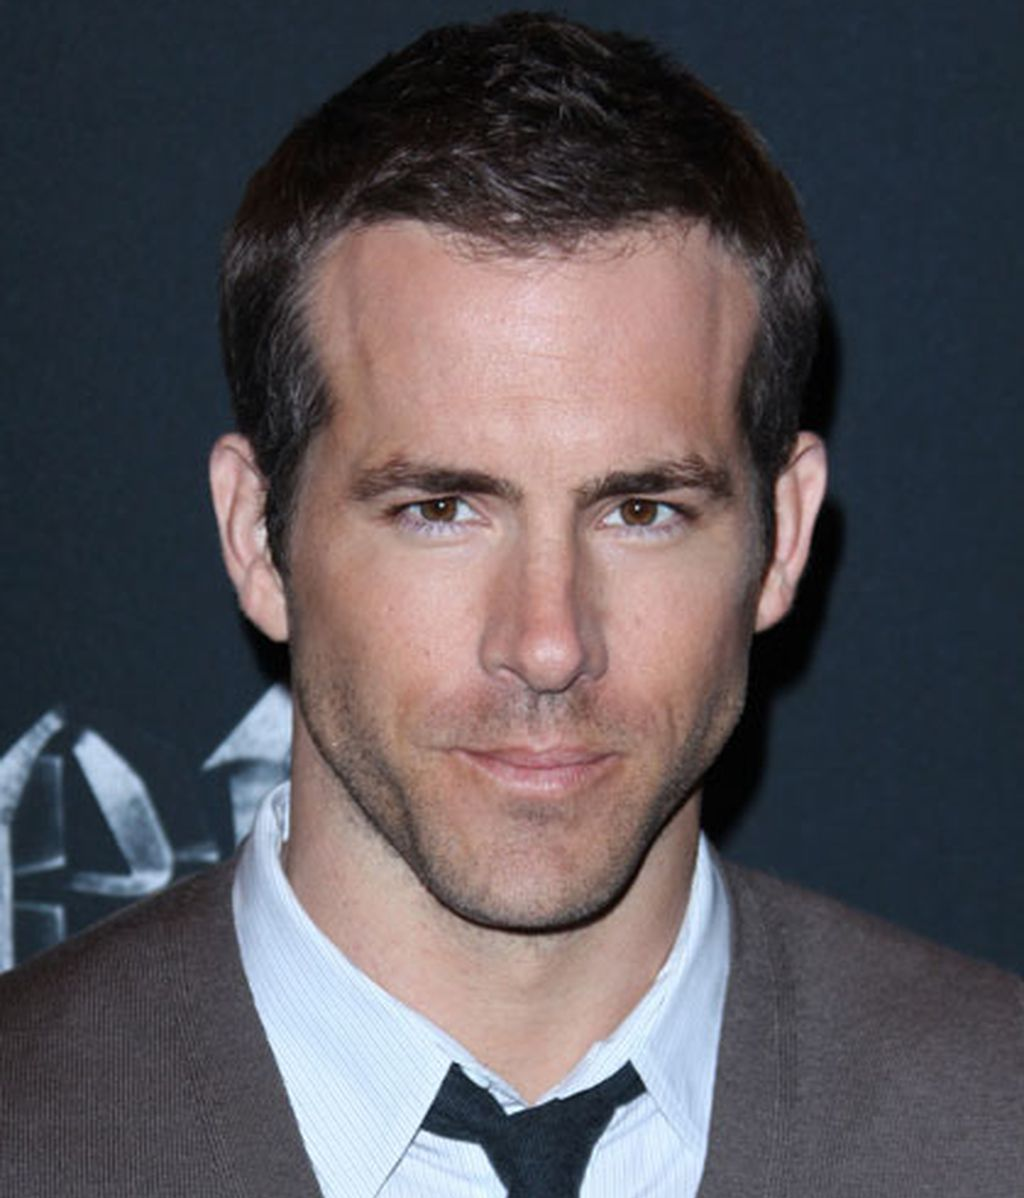 15.Ryan Reynolds